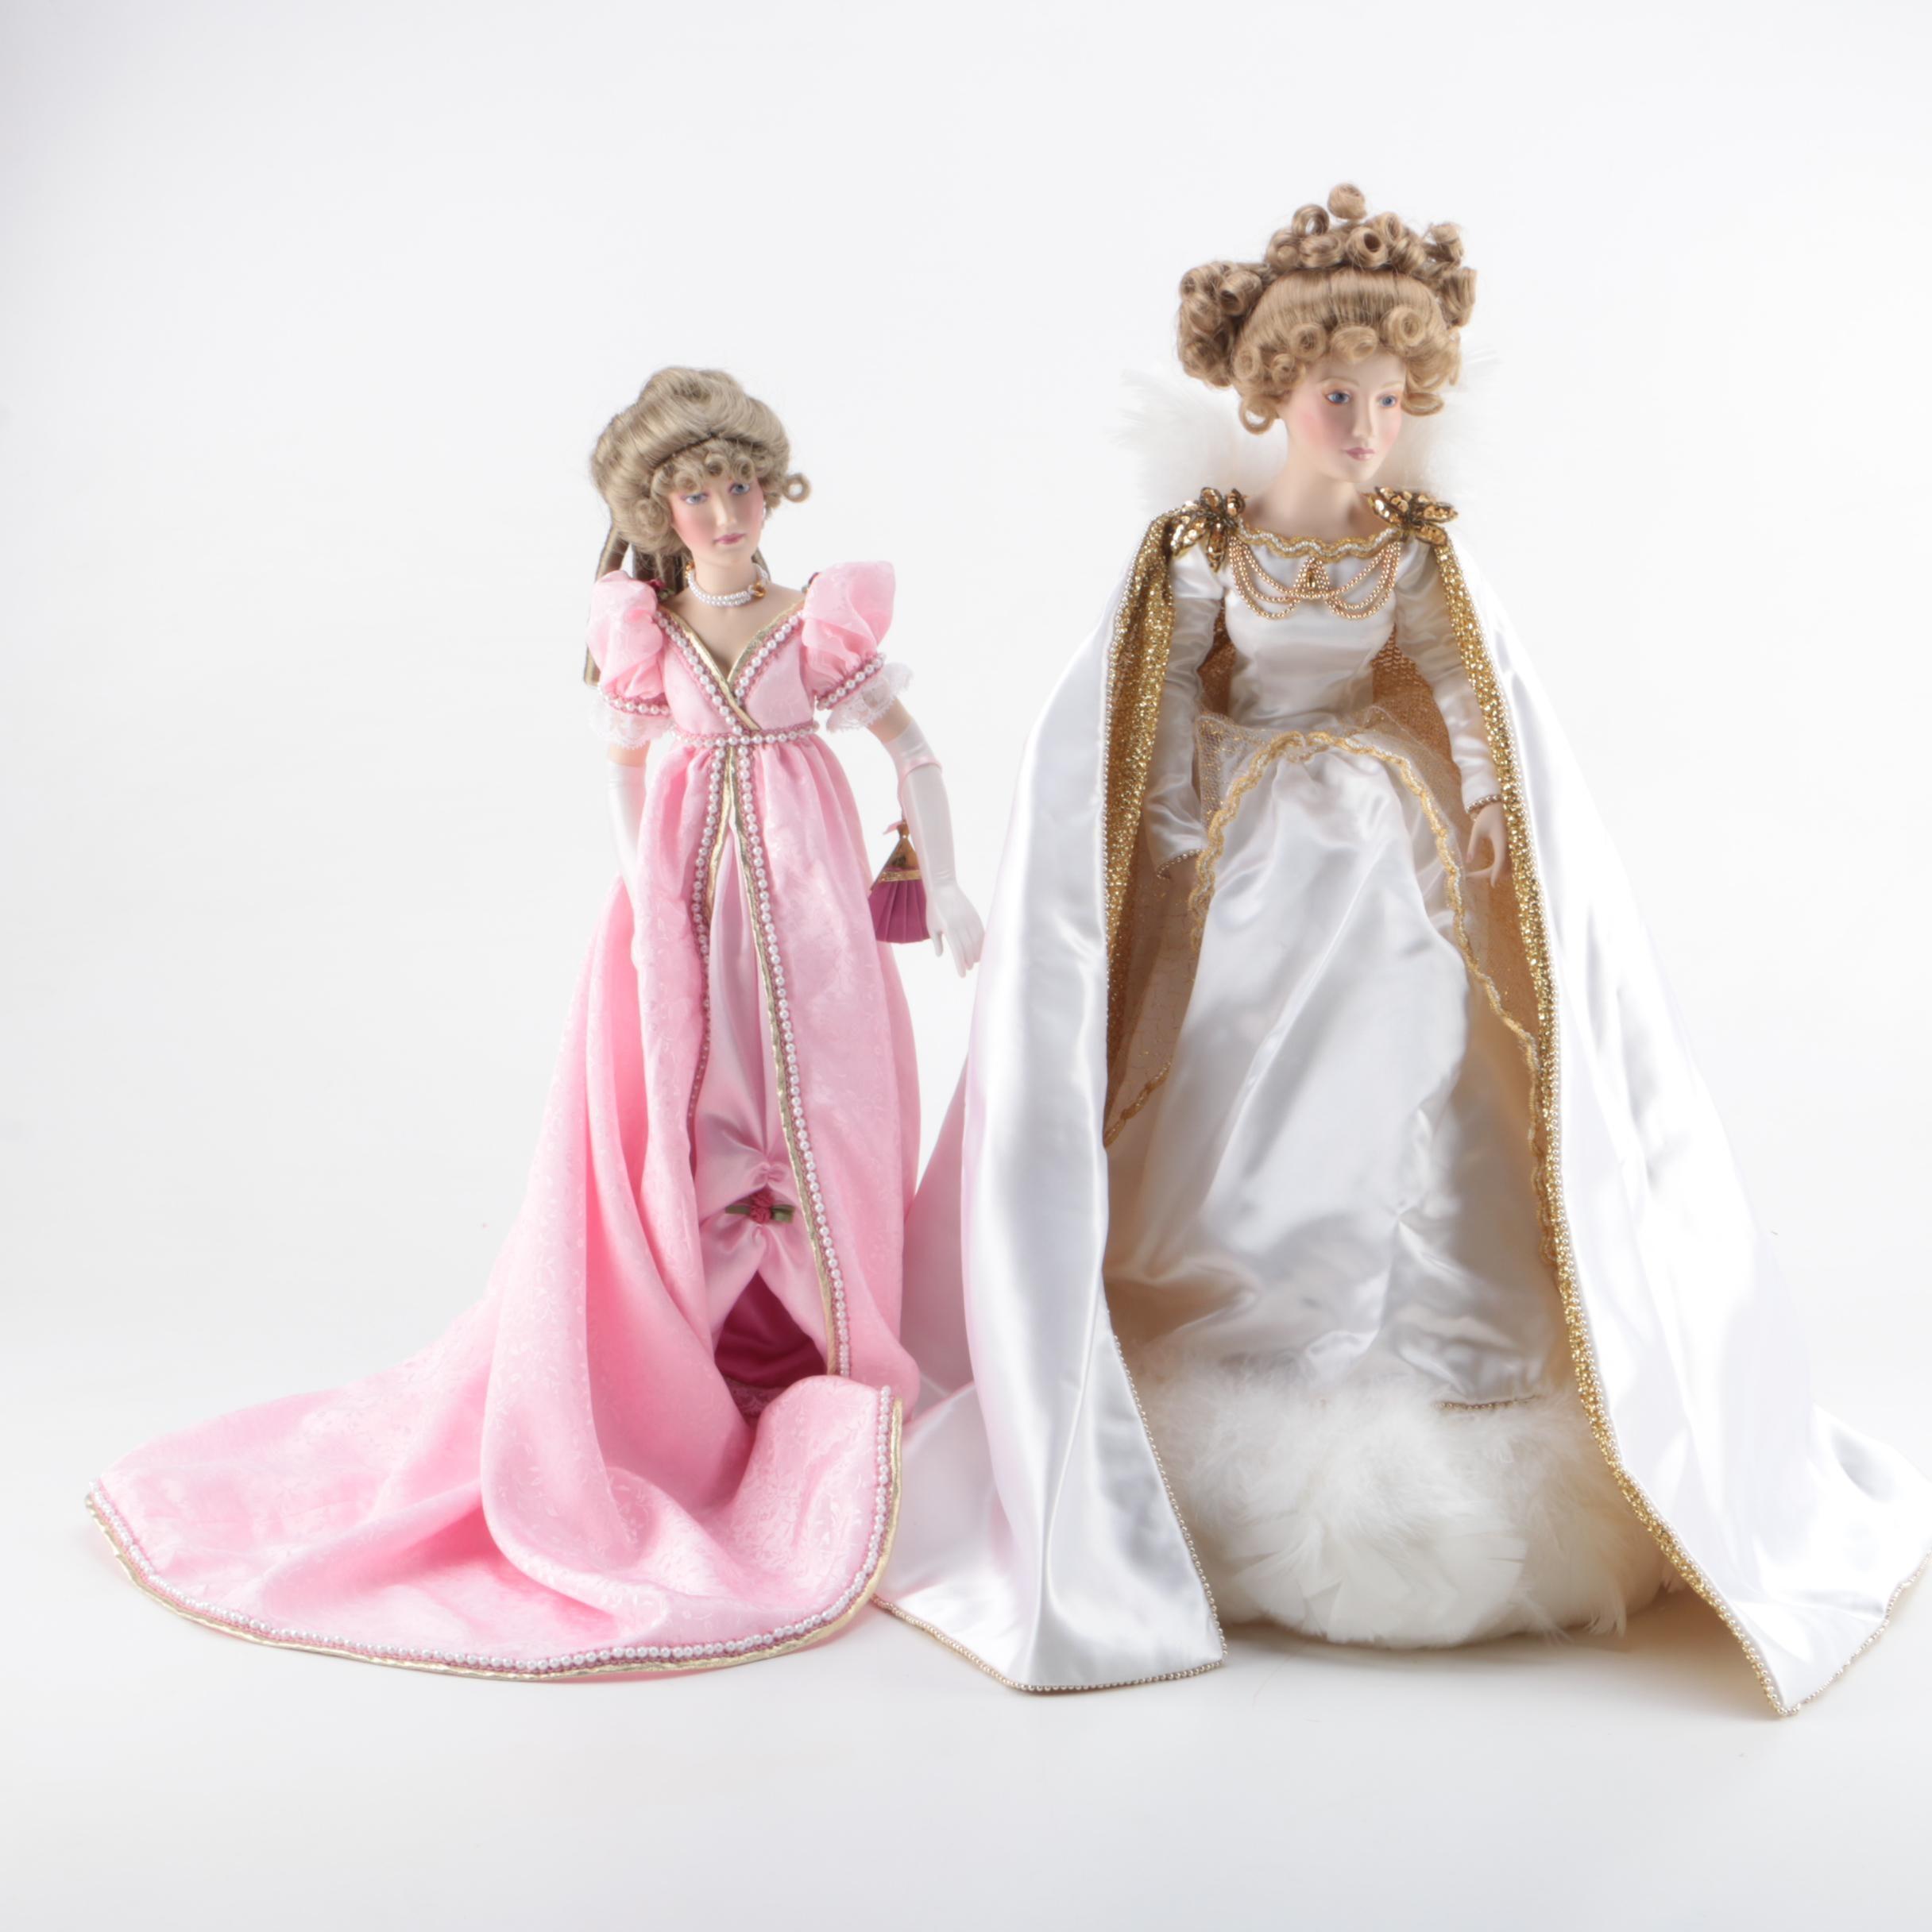 Vintage Franklin Heirloom Porcelain Dolls